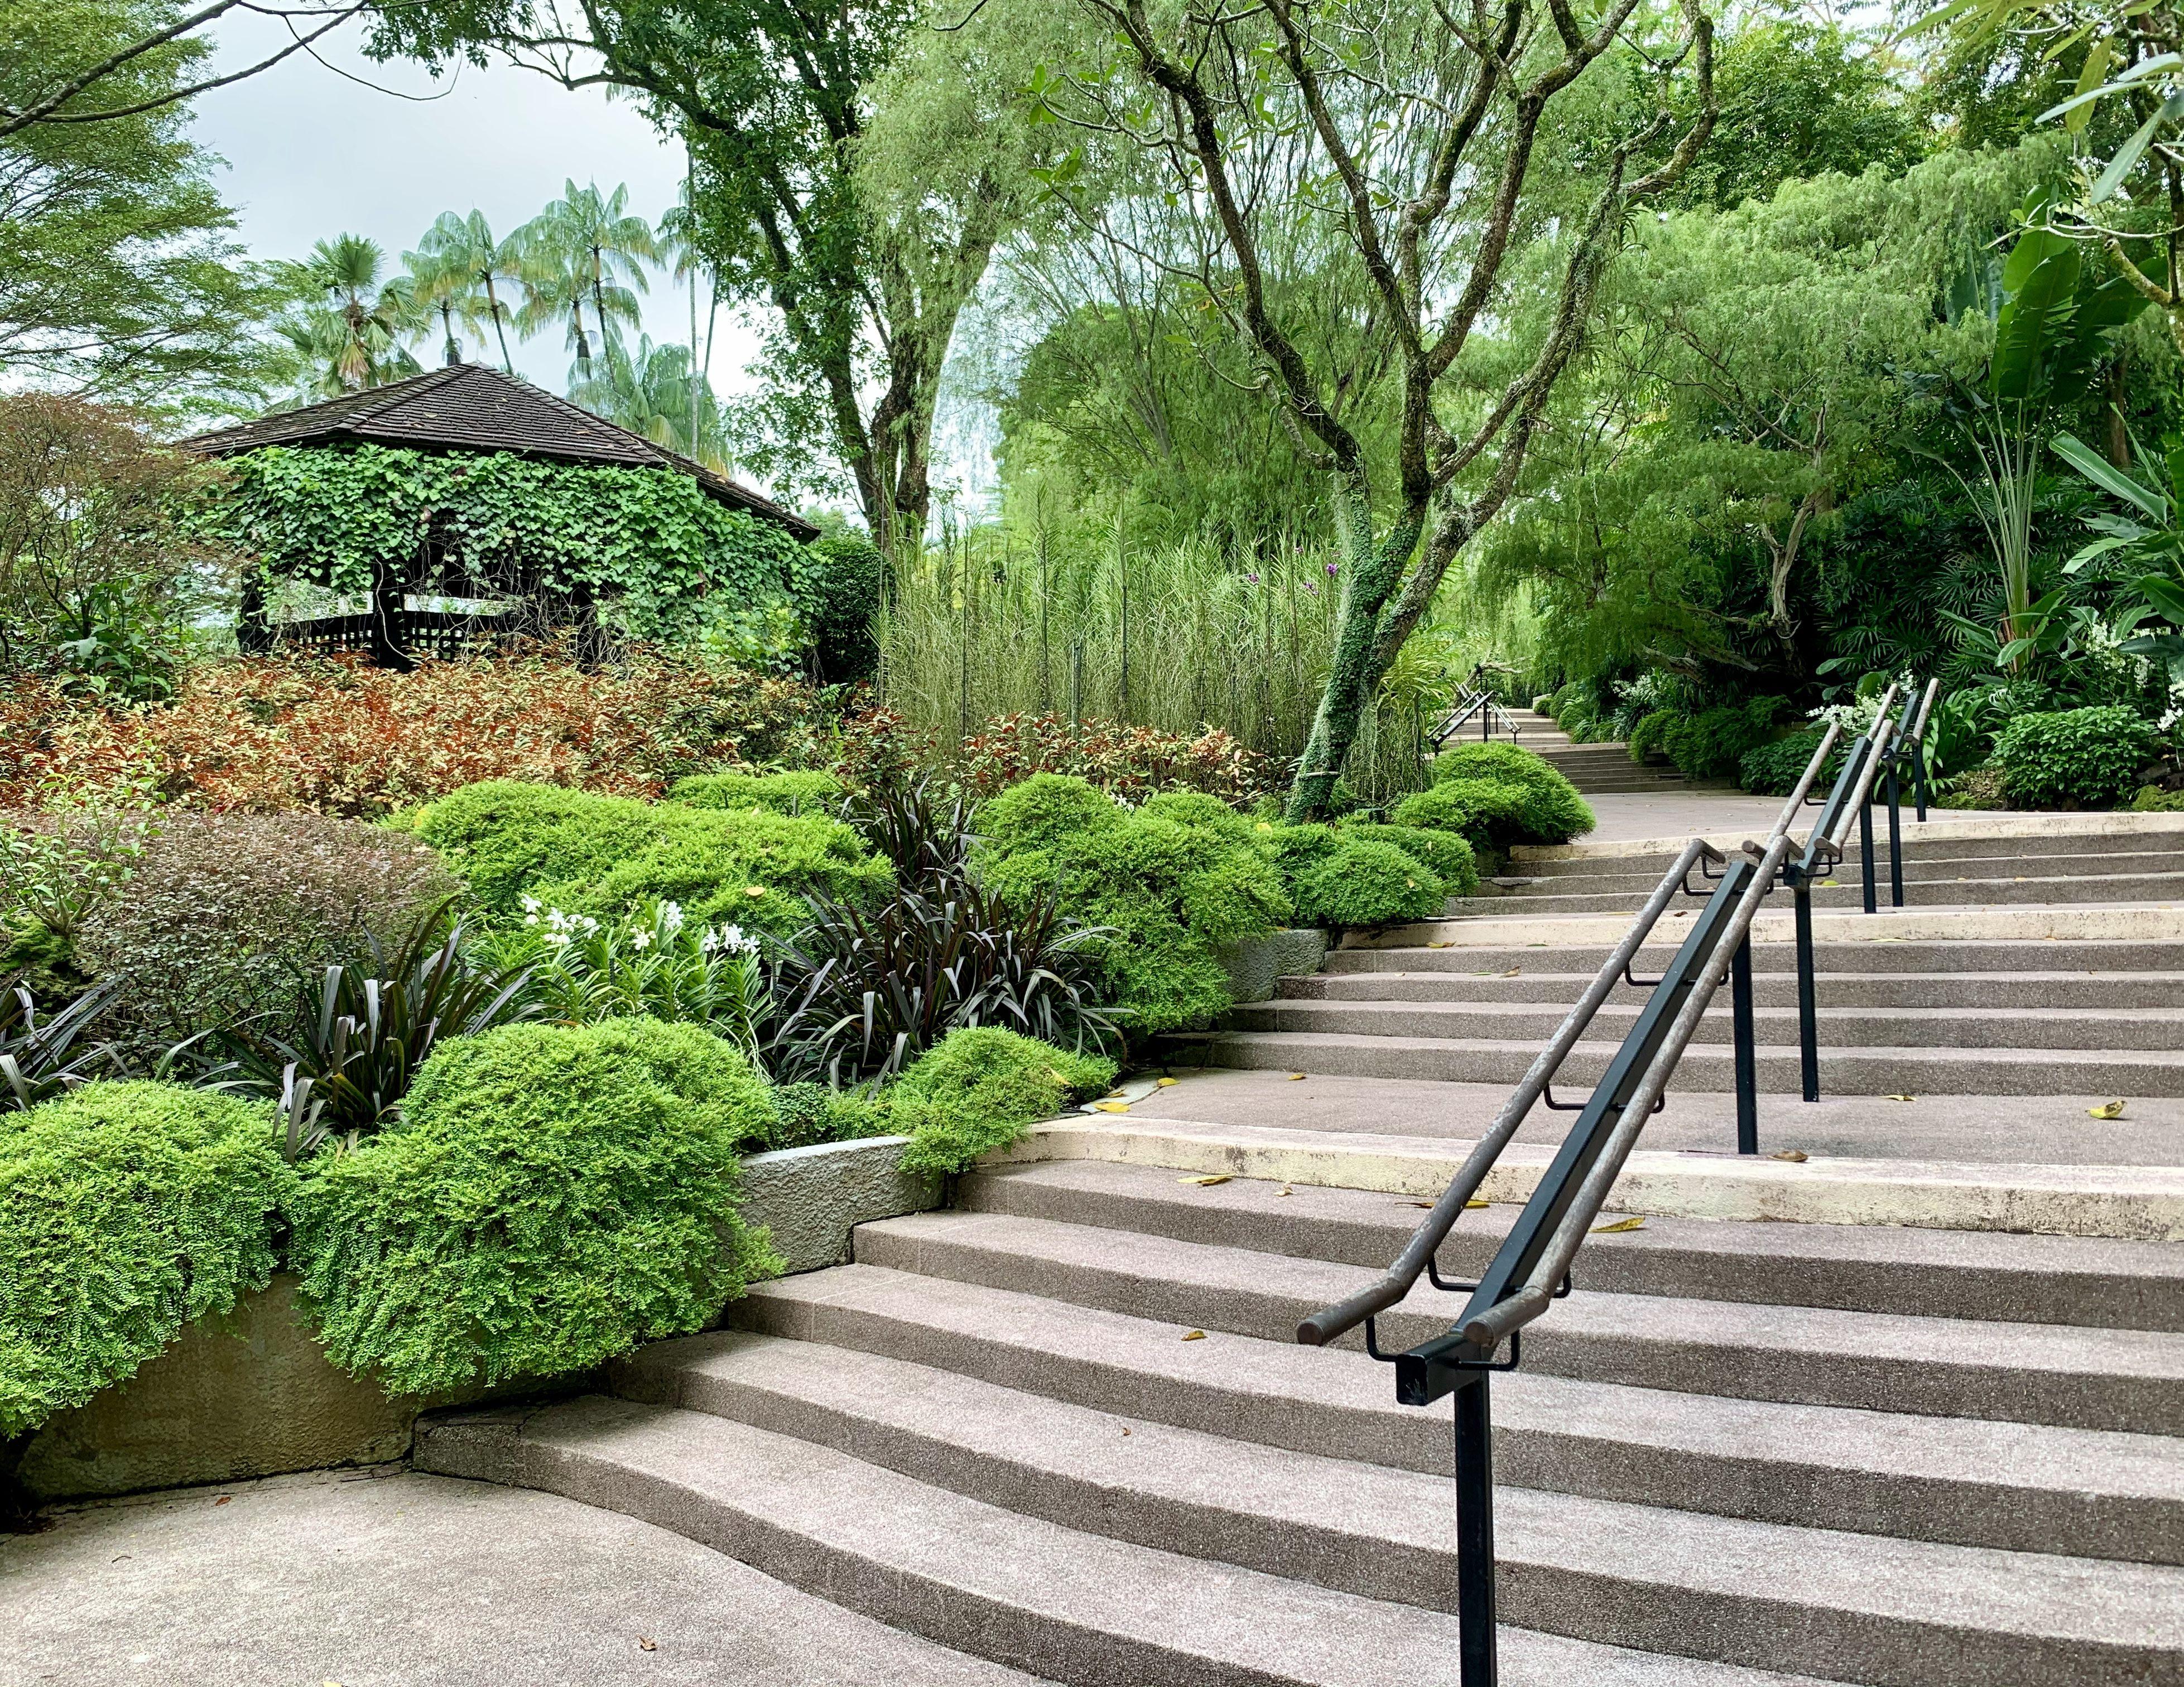 Pin By Singaporeforless On Singapore Botanic Gardens Singapore Botanic Gardens Orchids Garden Botanical Gardens